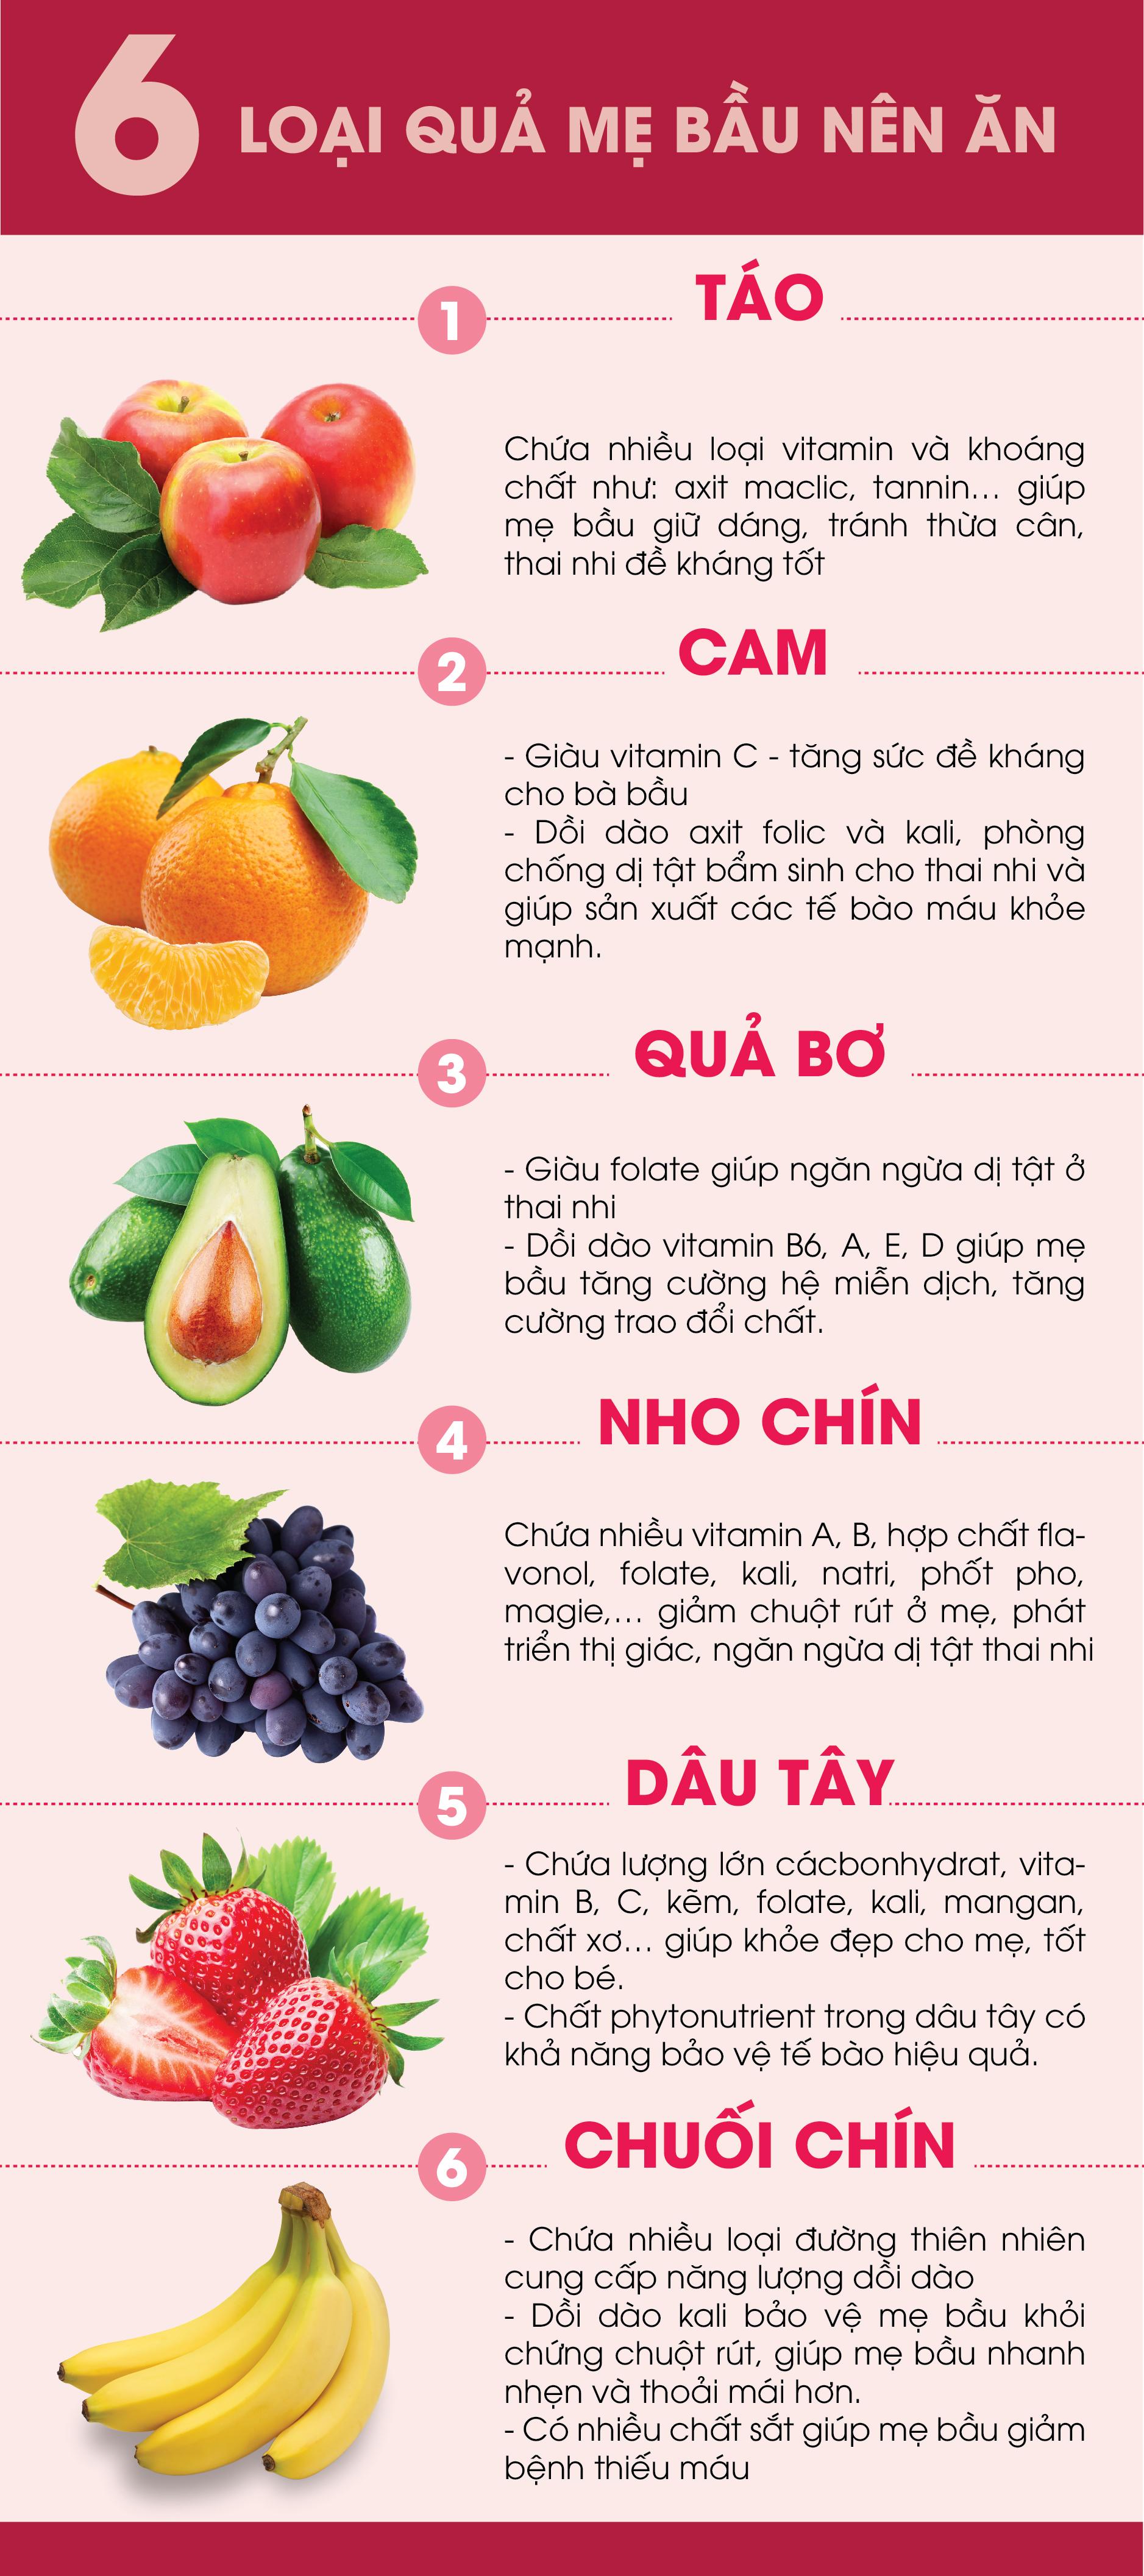 6 loại hoa quả phụ nữ mang thai nên ăn hàng ngày